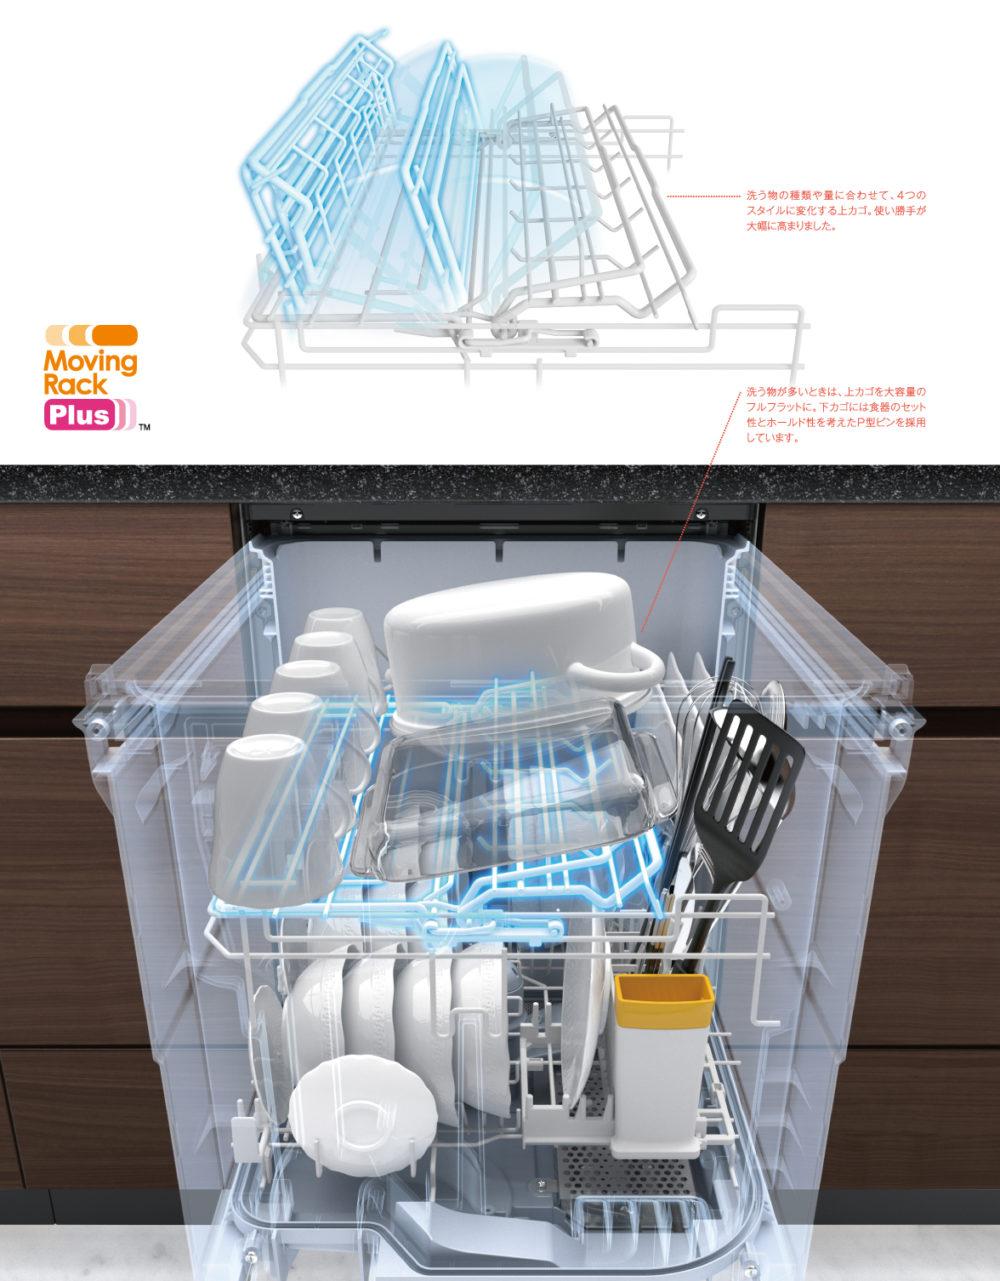 家事を楽にしませんか?おすすめのビルトイン食洗機のご紹介 – ミヤケンリフォーム